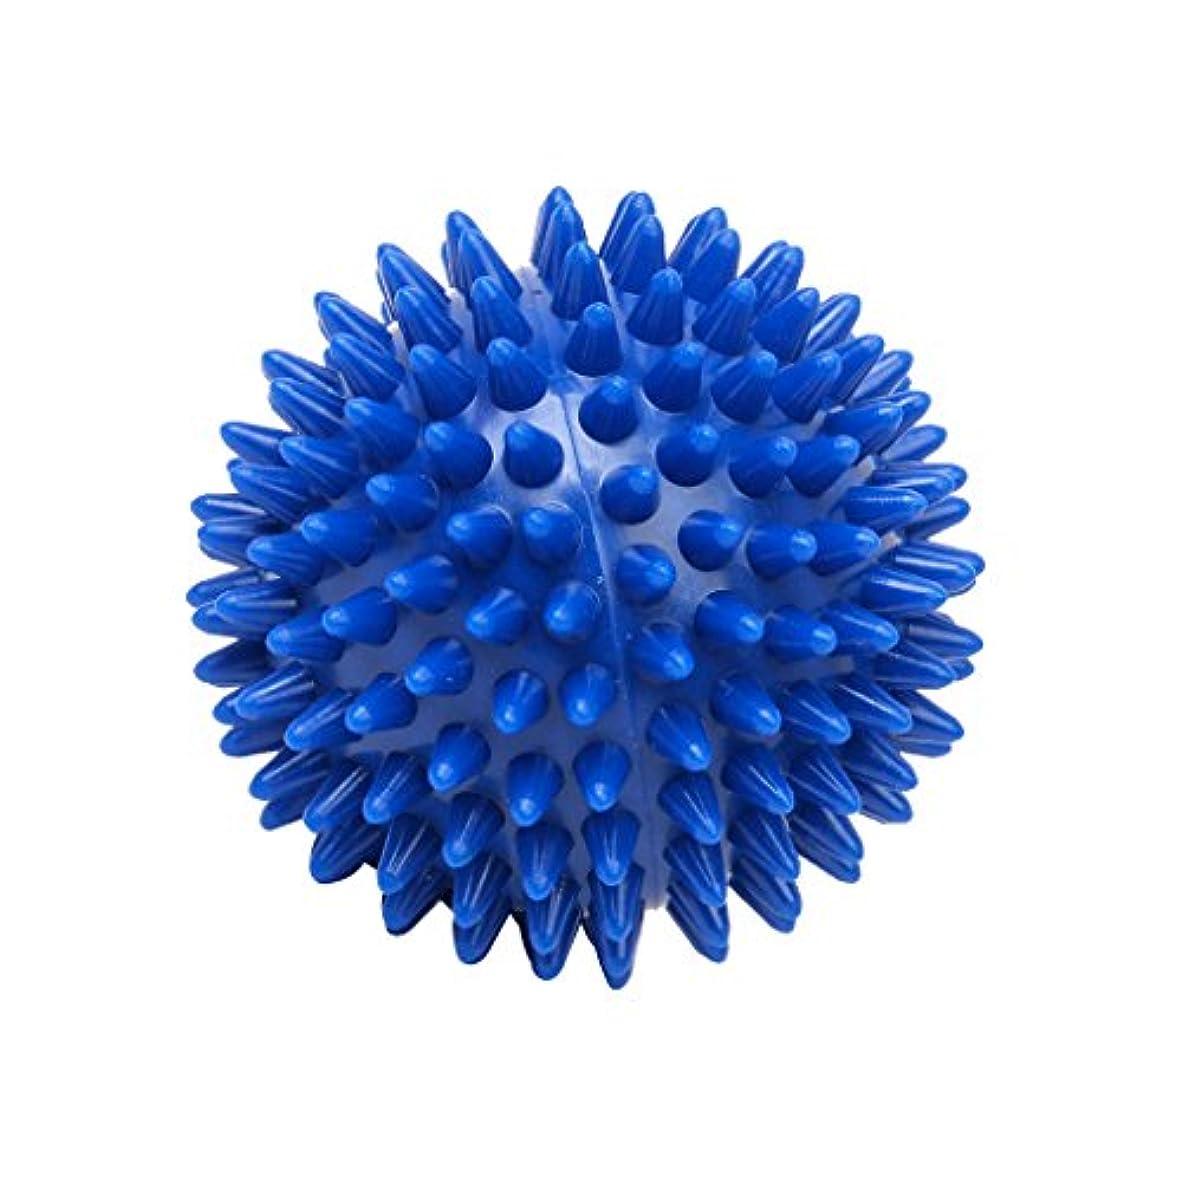 最悪廃止する枯渇Footful マッサージボール 健康グッズ 健康器具 血液循環促進 緊張緩和 7cm ブルー